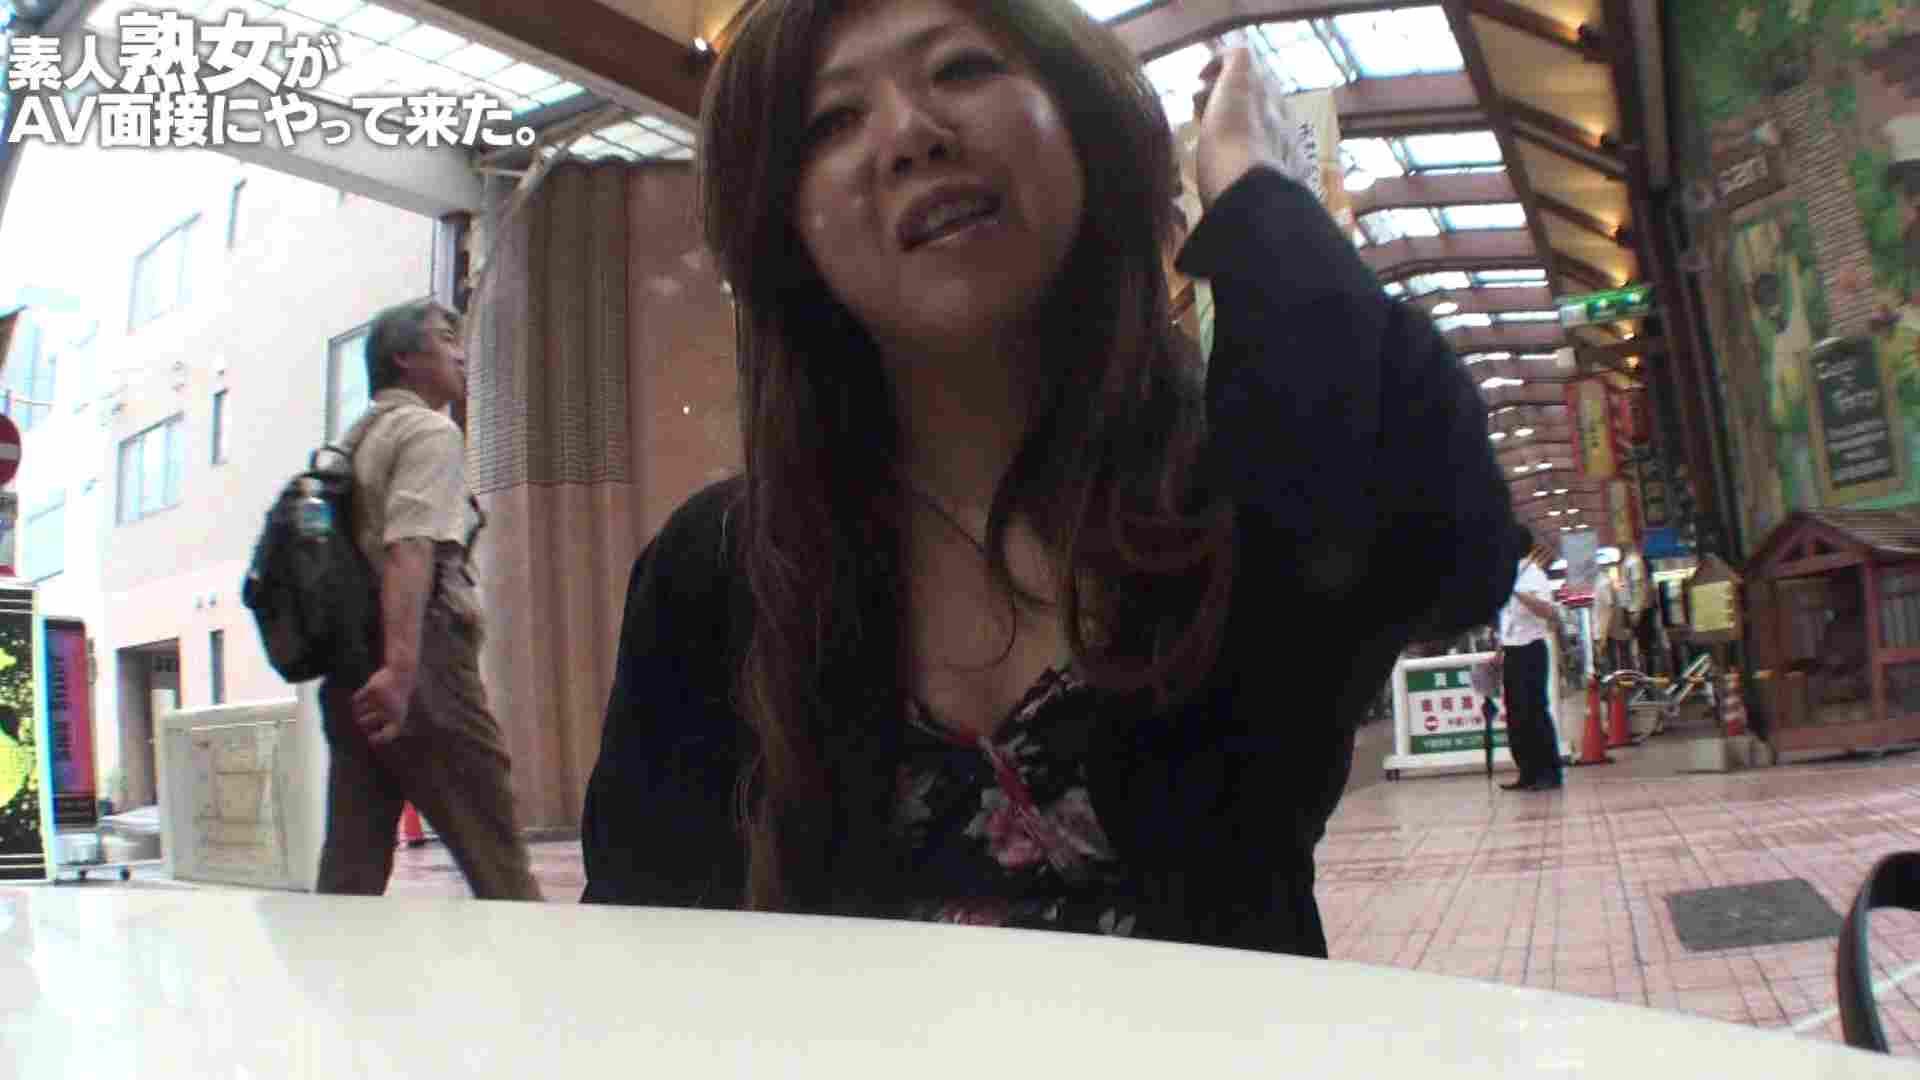 素人熟女がAV面接にやってきた (仮名)ゆかさんVOL.01 熟女 のぞき動画画像 71pic 18